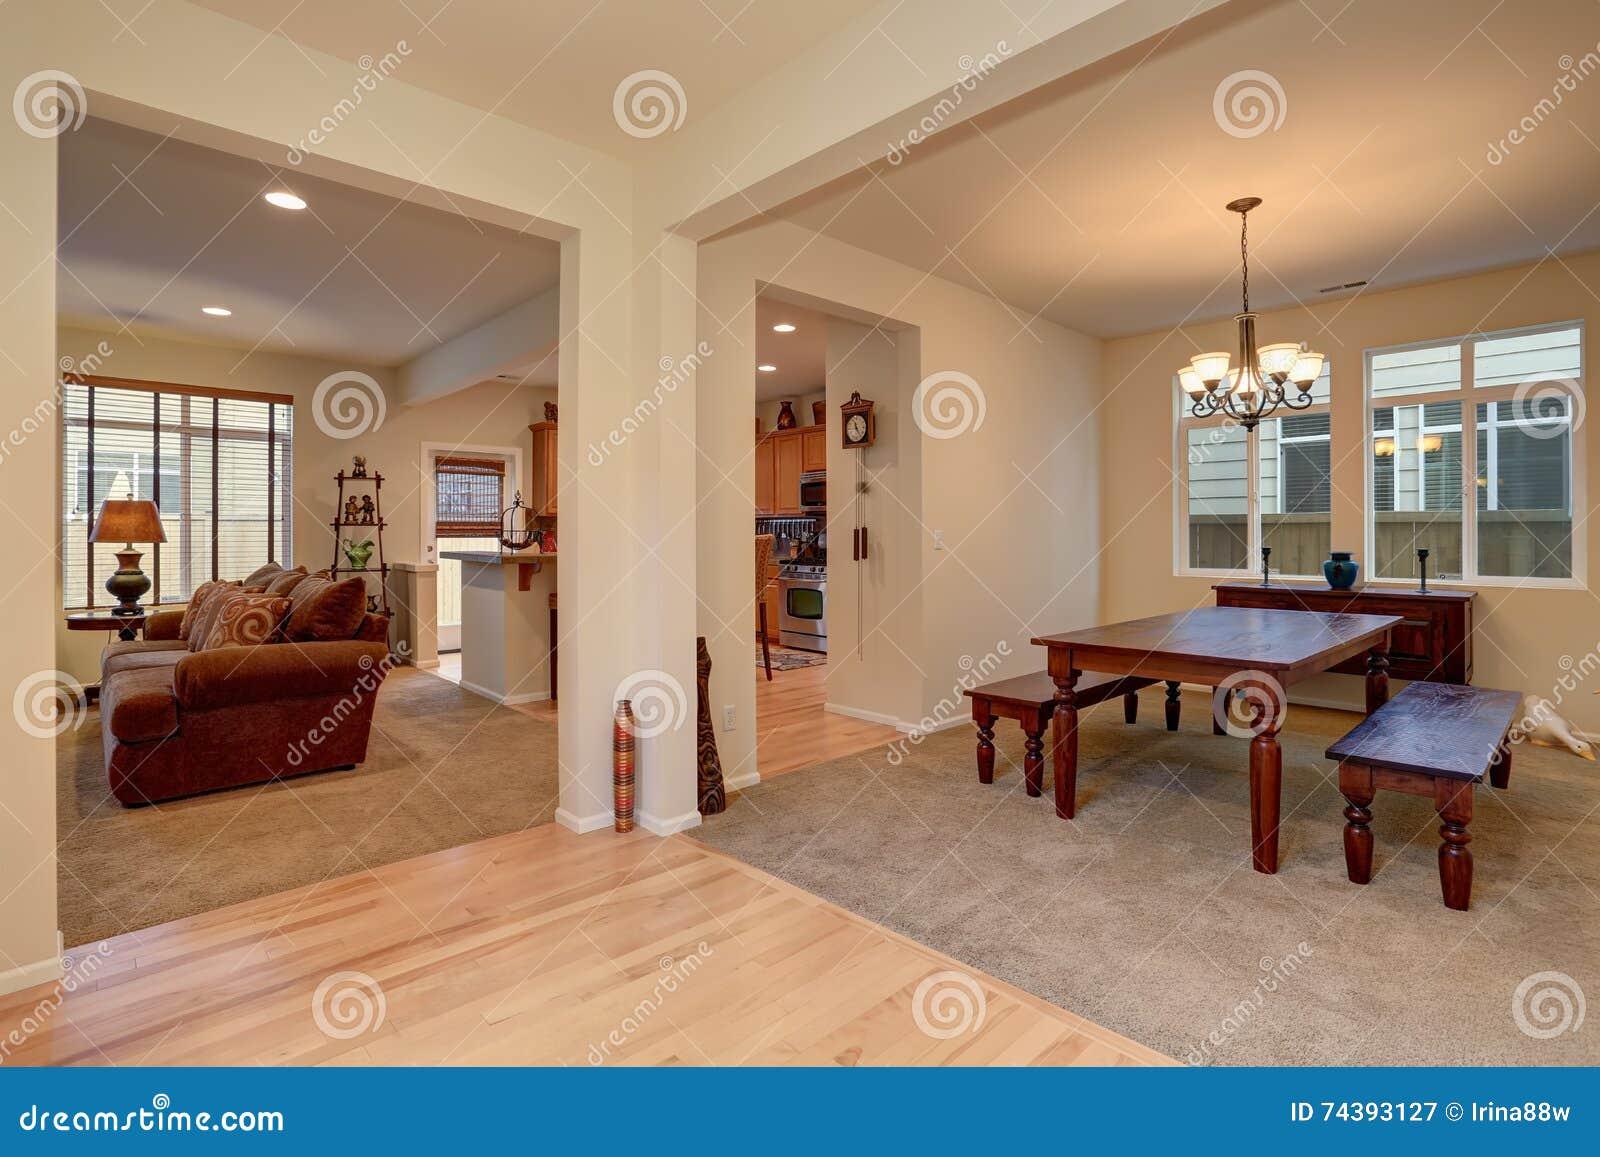 Eetkamer Keuken Open : Open vloerplan mening van eetkamer met gesneden houten lijst